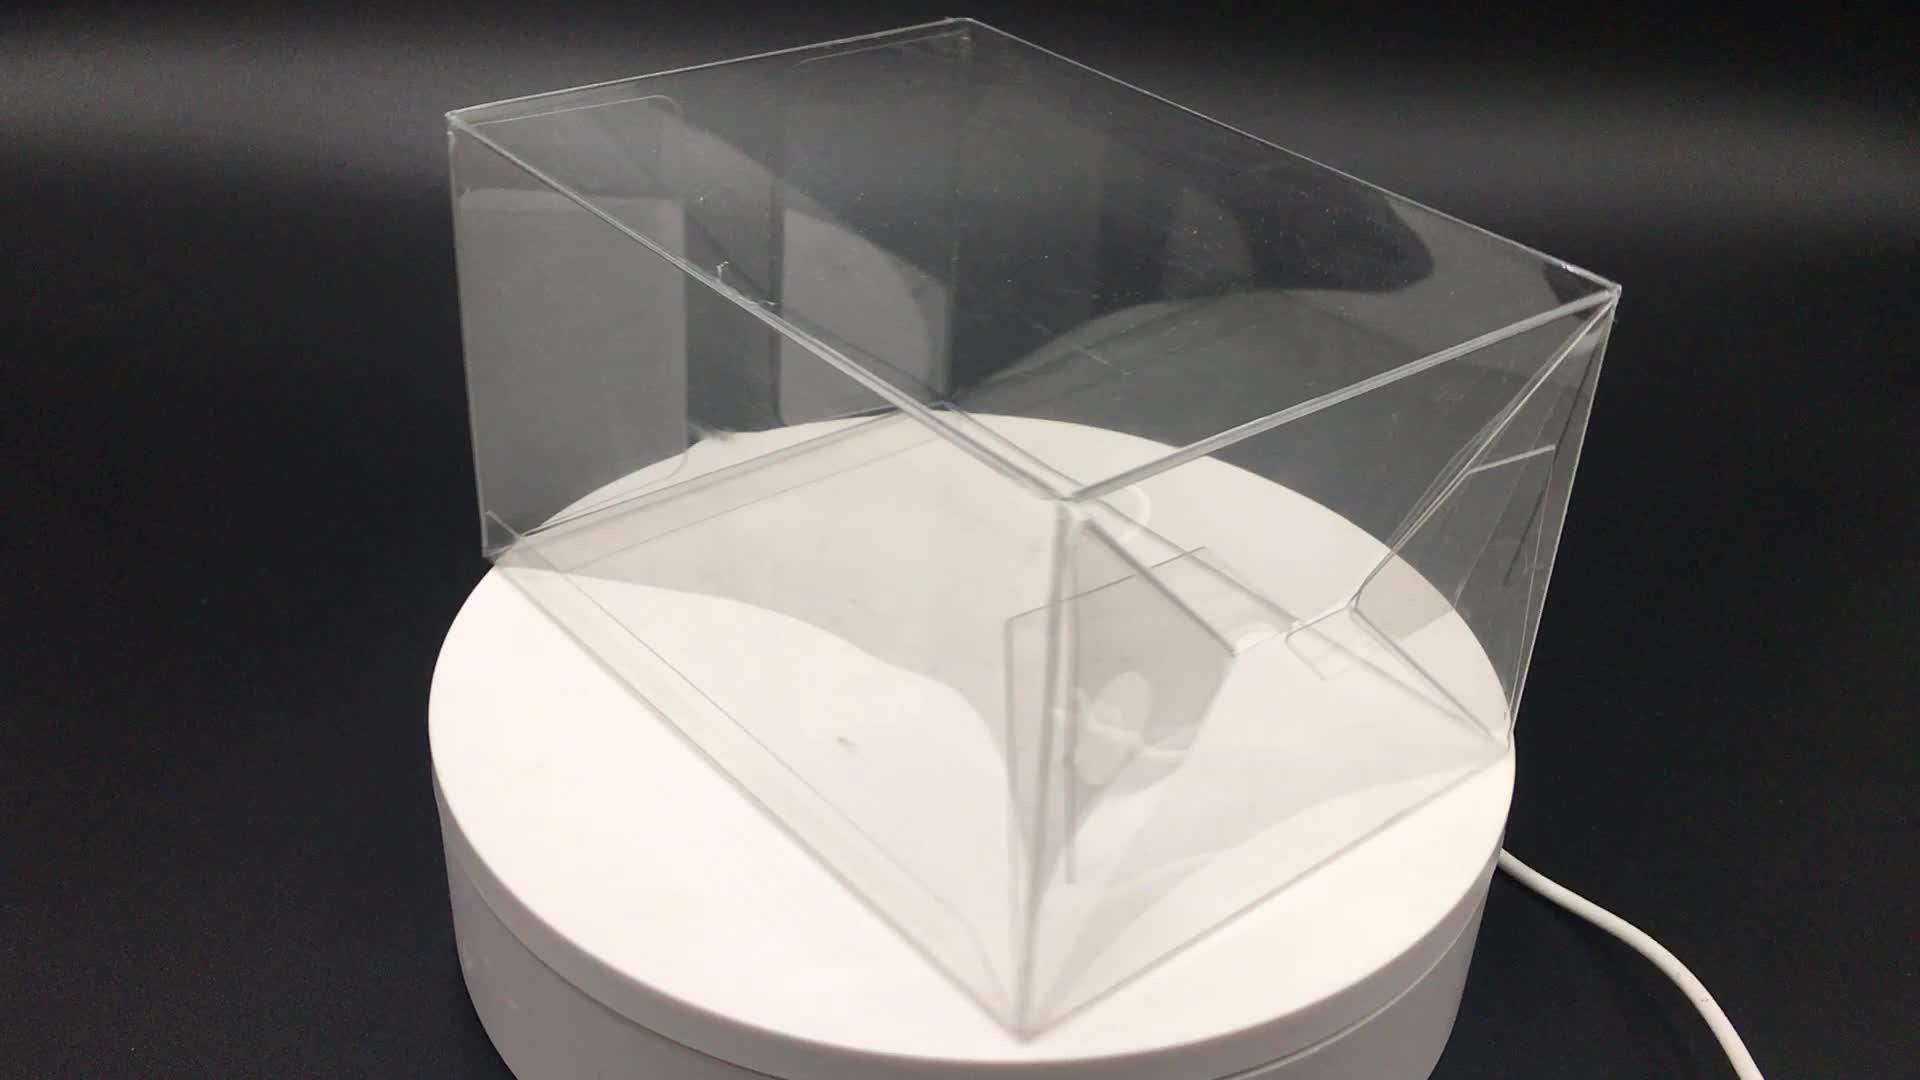 Funko pop protectors clear plastic vinyl protector for funko pop